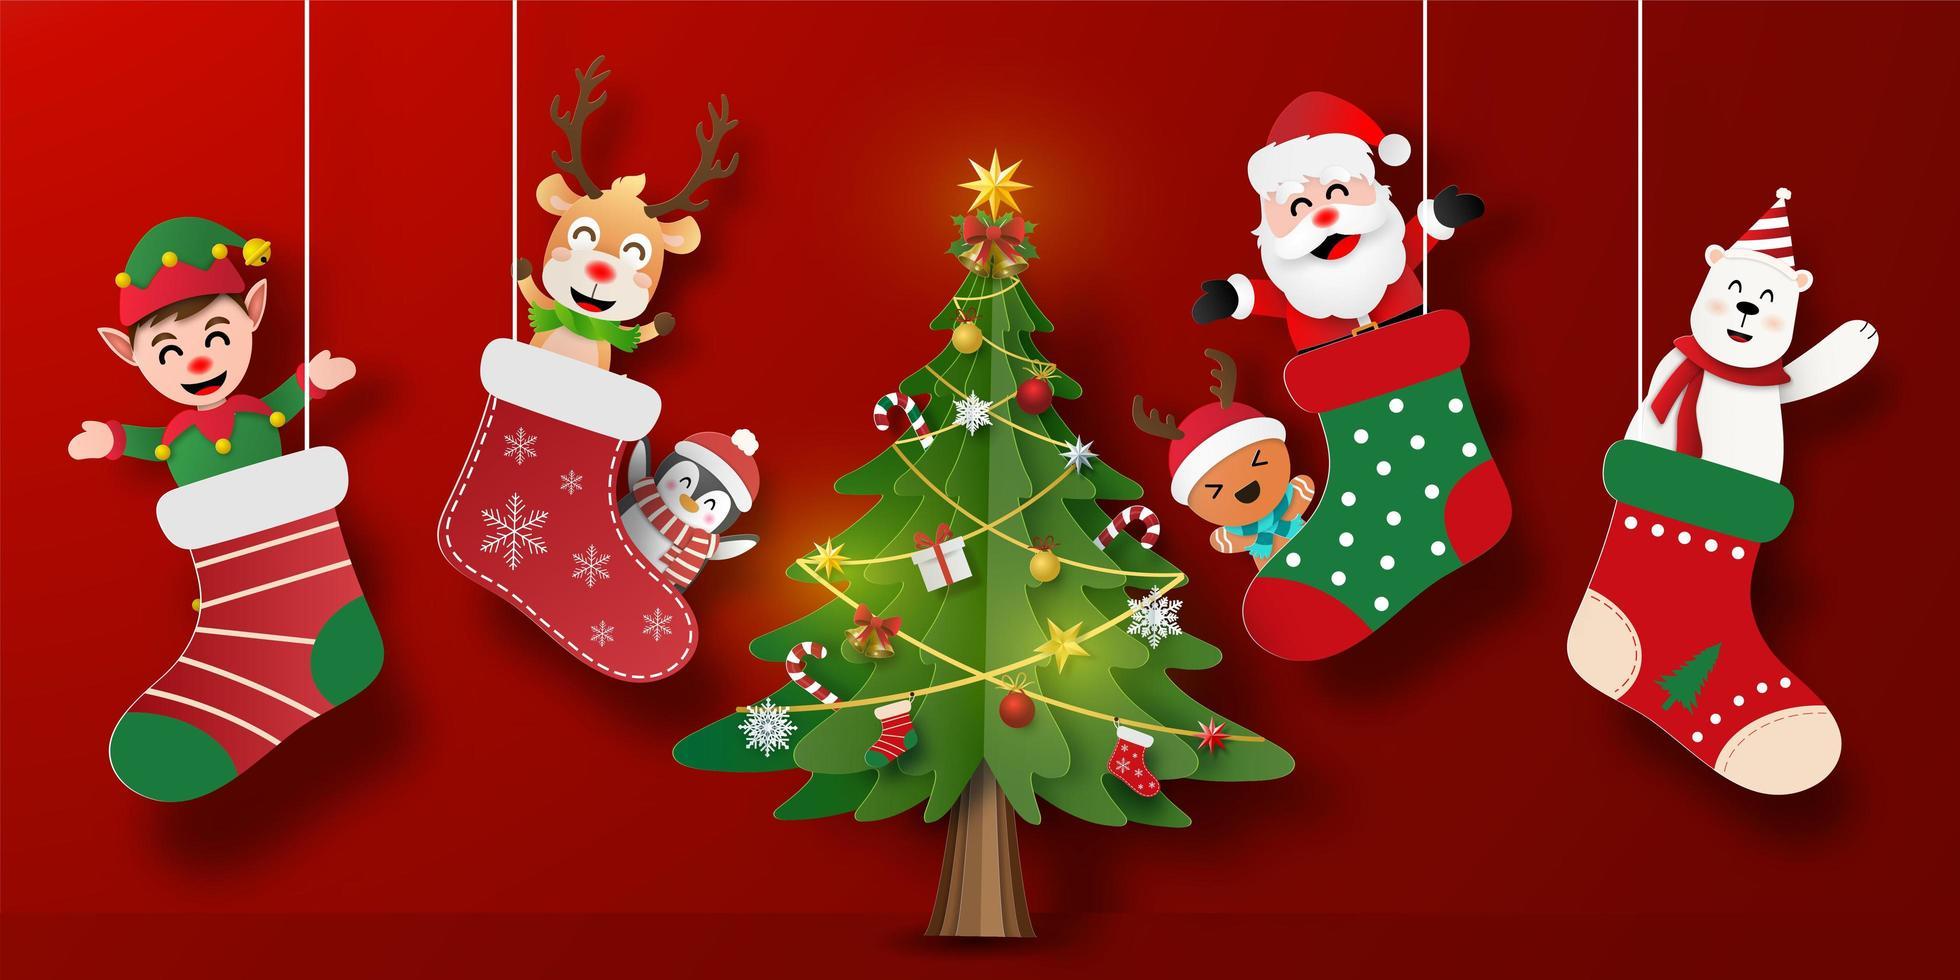 Banner de postal navideña de santa claus y amigos en calcetín de navidad con árbol de navidad vector